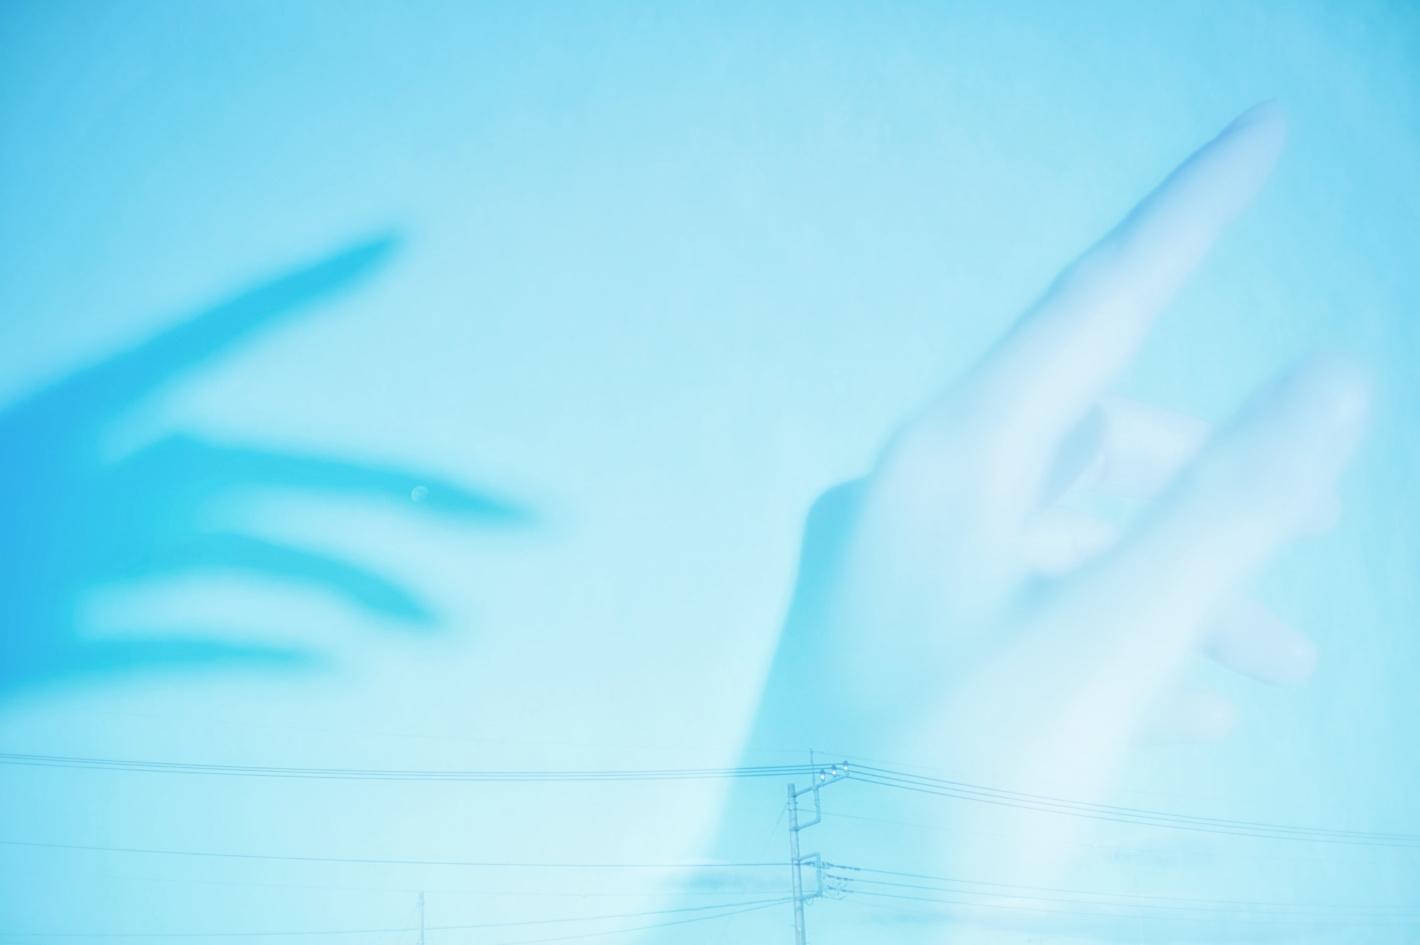 「青の写真家」が描く淡くやさしい世界 – オールドレンズとレタッチによる表現の仕方